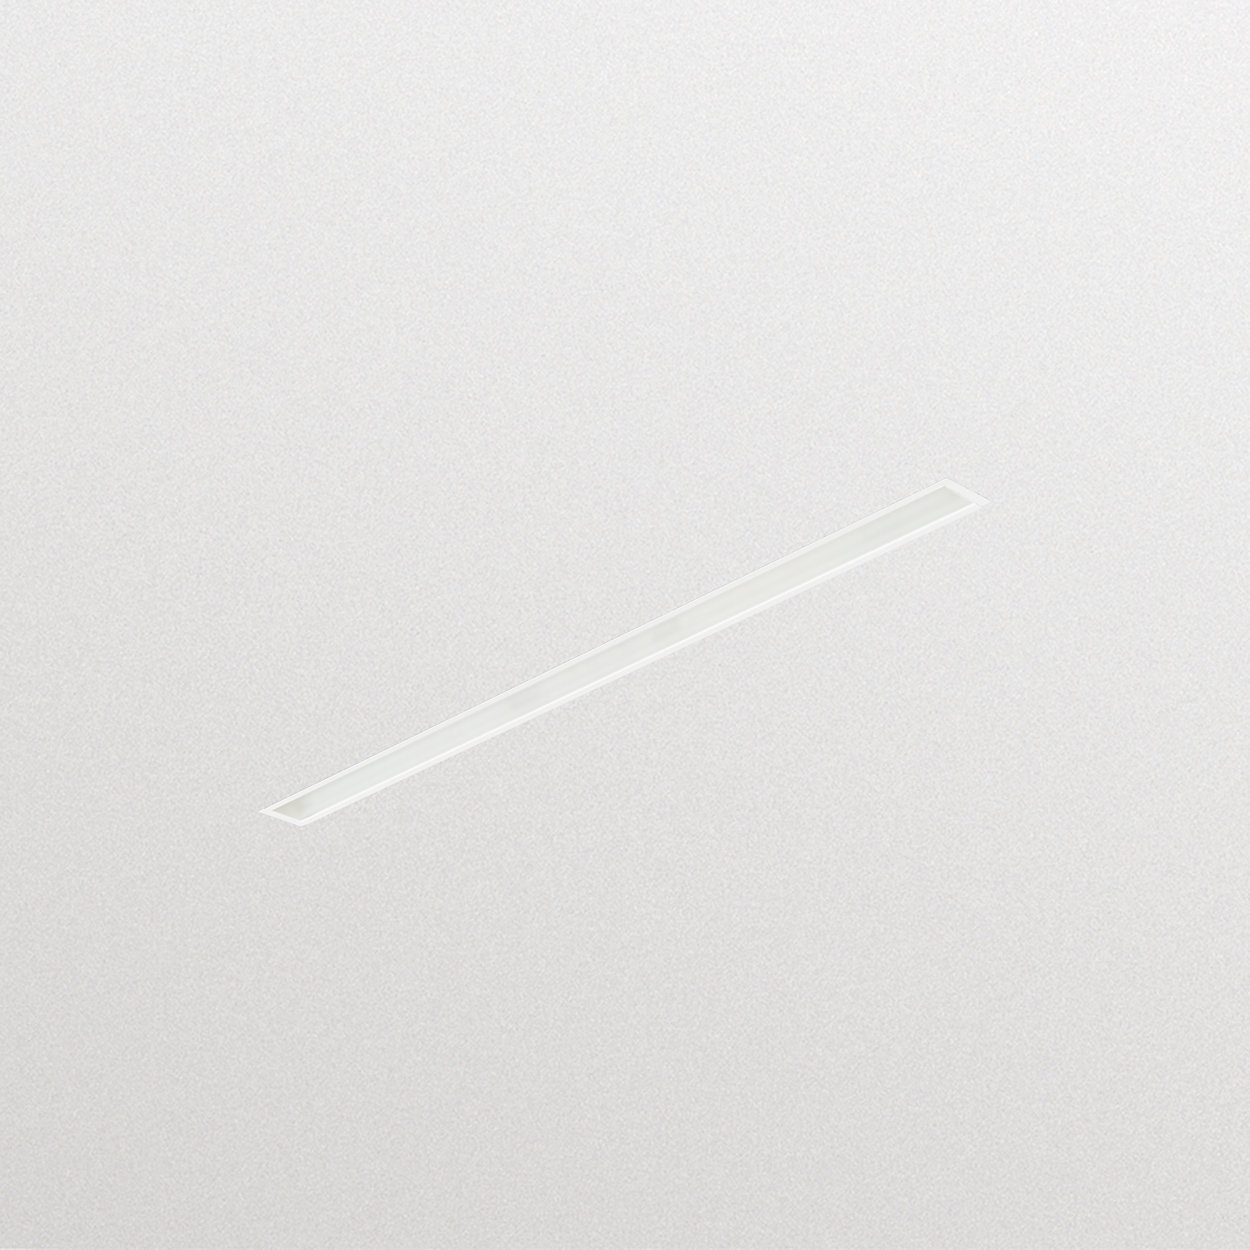 TrueLine, do wbudowania — tosubtelna, energooszczędna i zgodna z normami oświetlenia biurowego linia świetlna